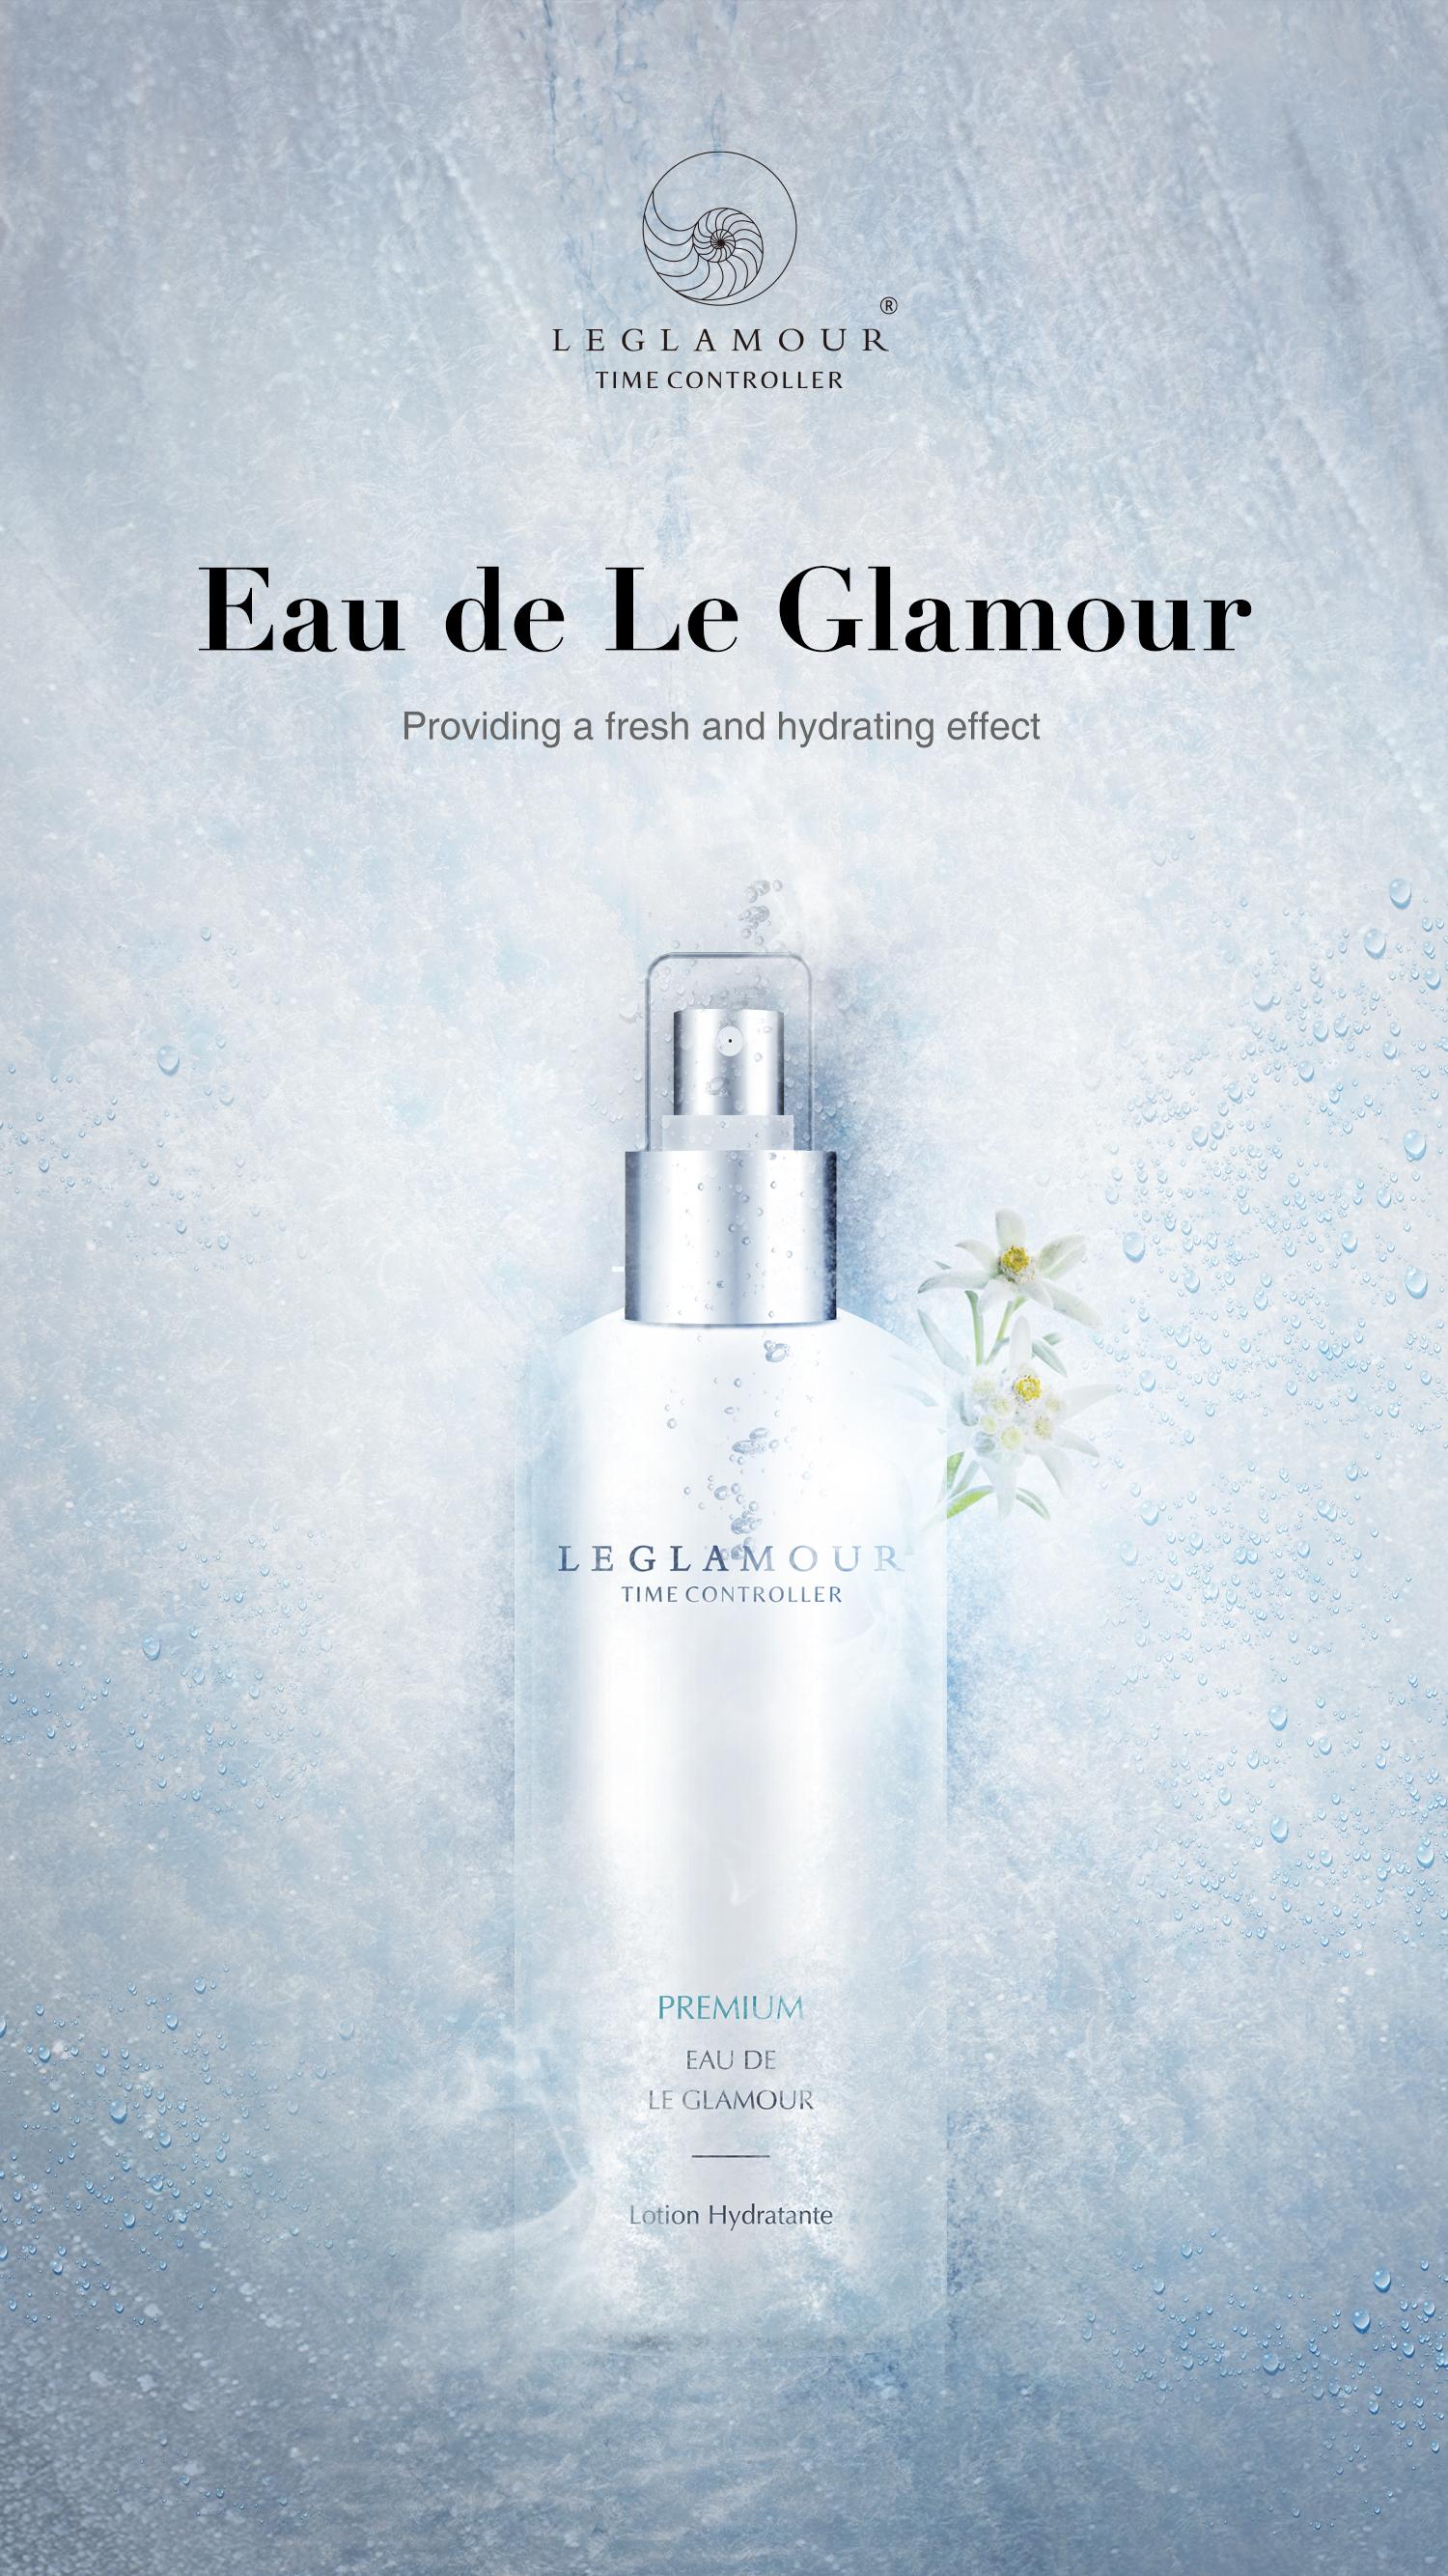 Eau de Le Glamour